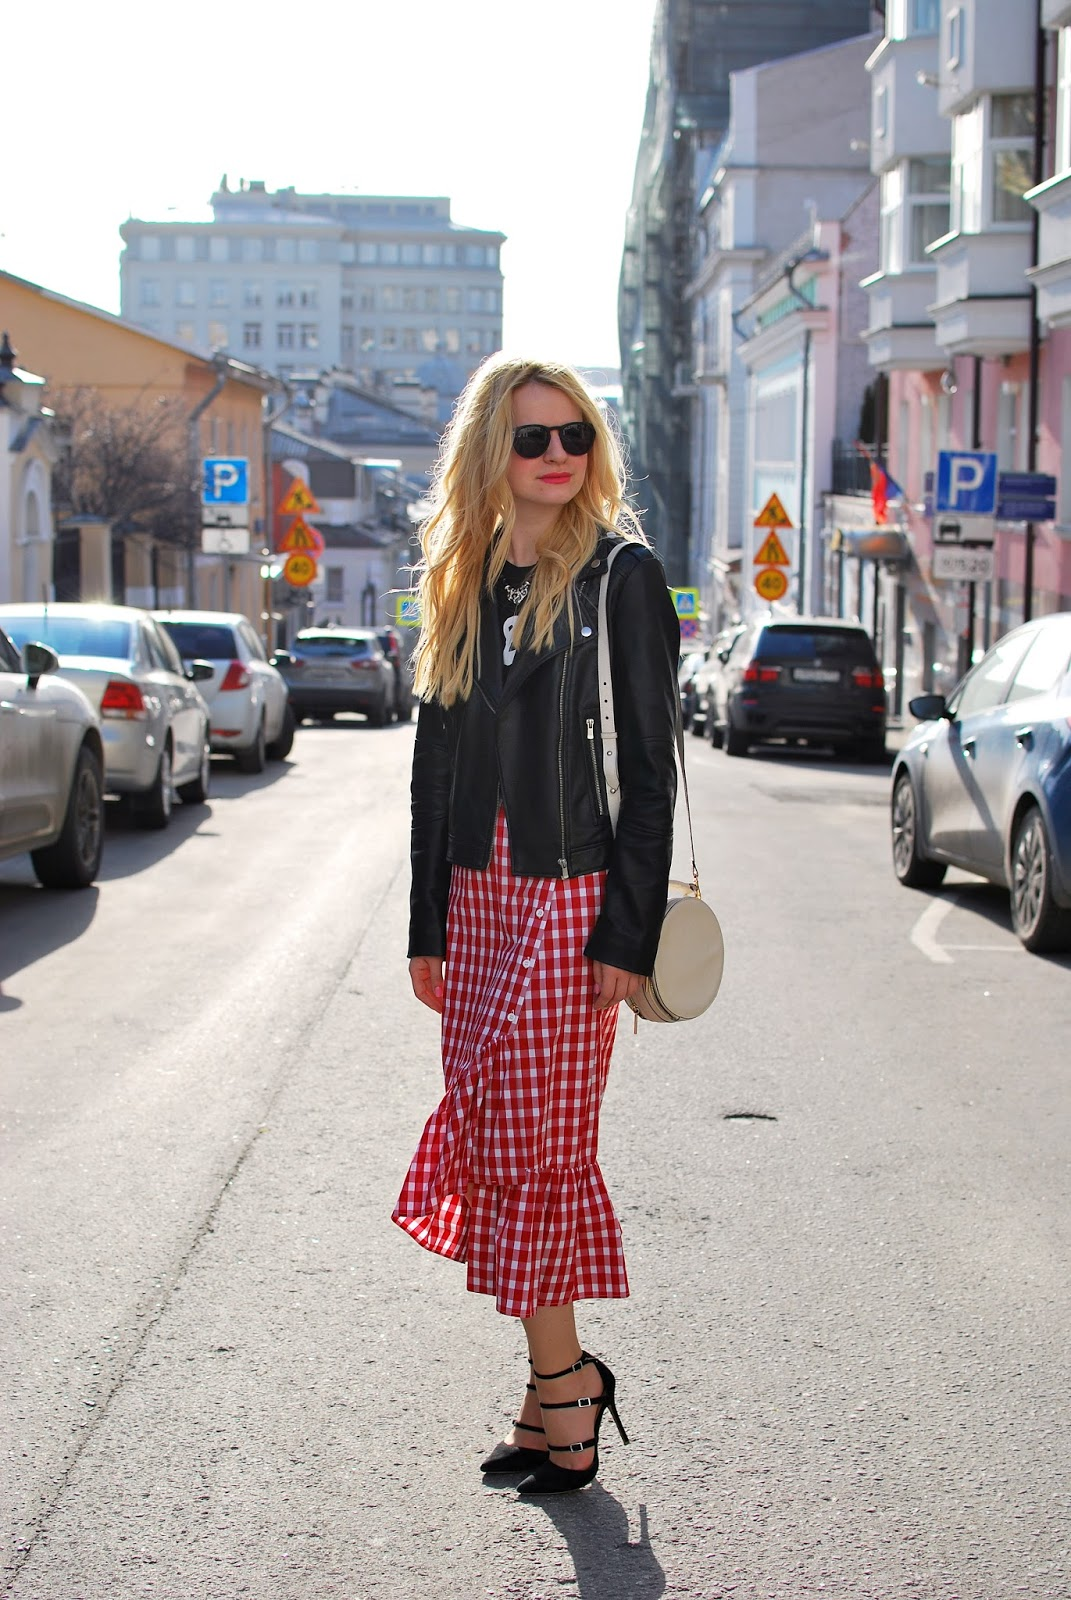 юбка в клетку идея, с чем носить юбку в клетку, гранж юбка, аутфит, модные образы